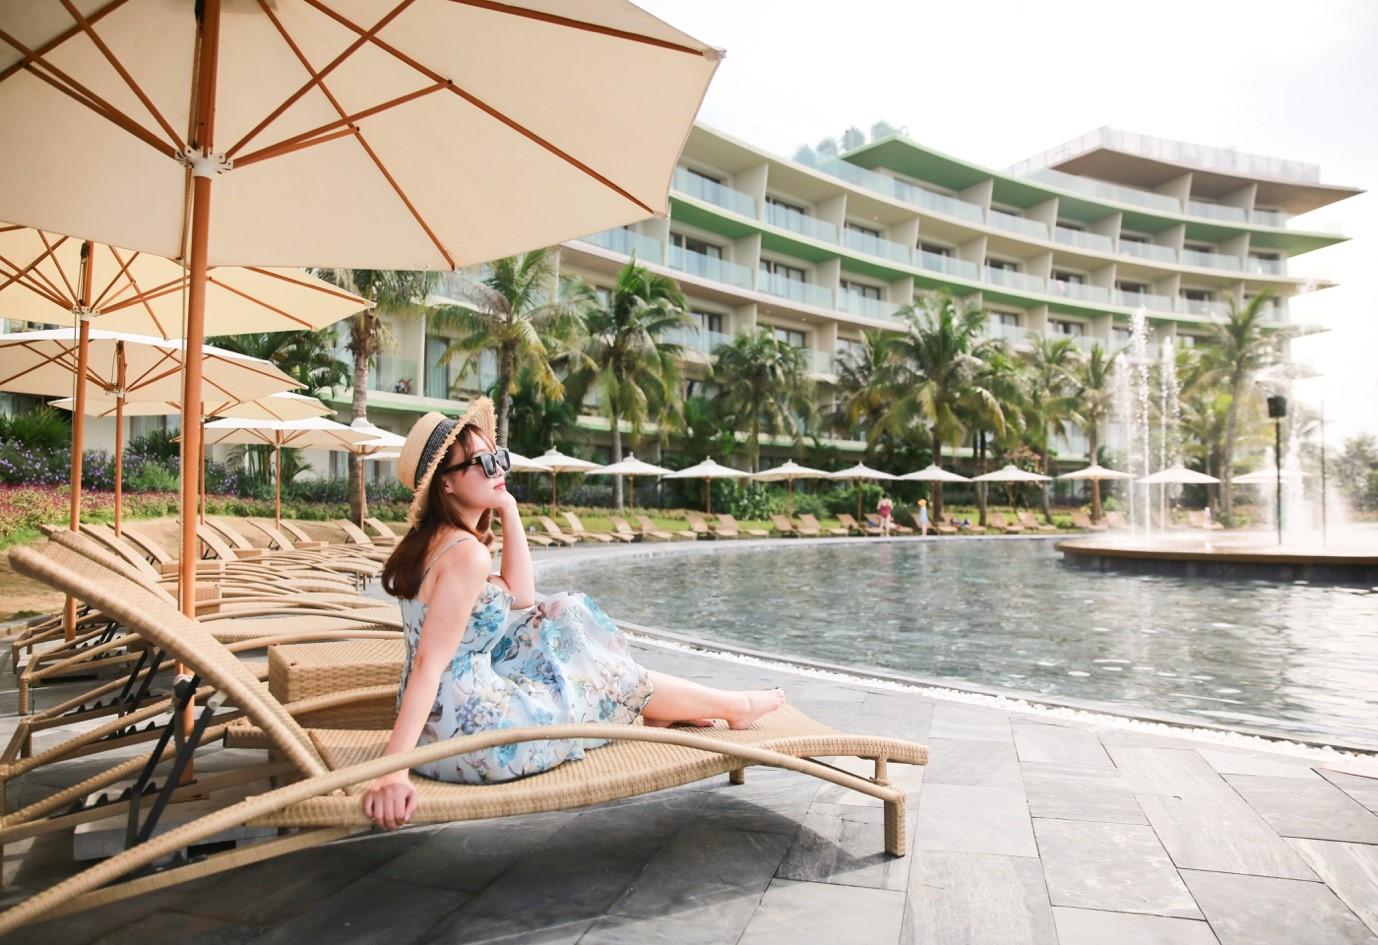 bể bơi nước mặn lớn nhất Việt Nam - du lịch sầm sơn nên đi đâu